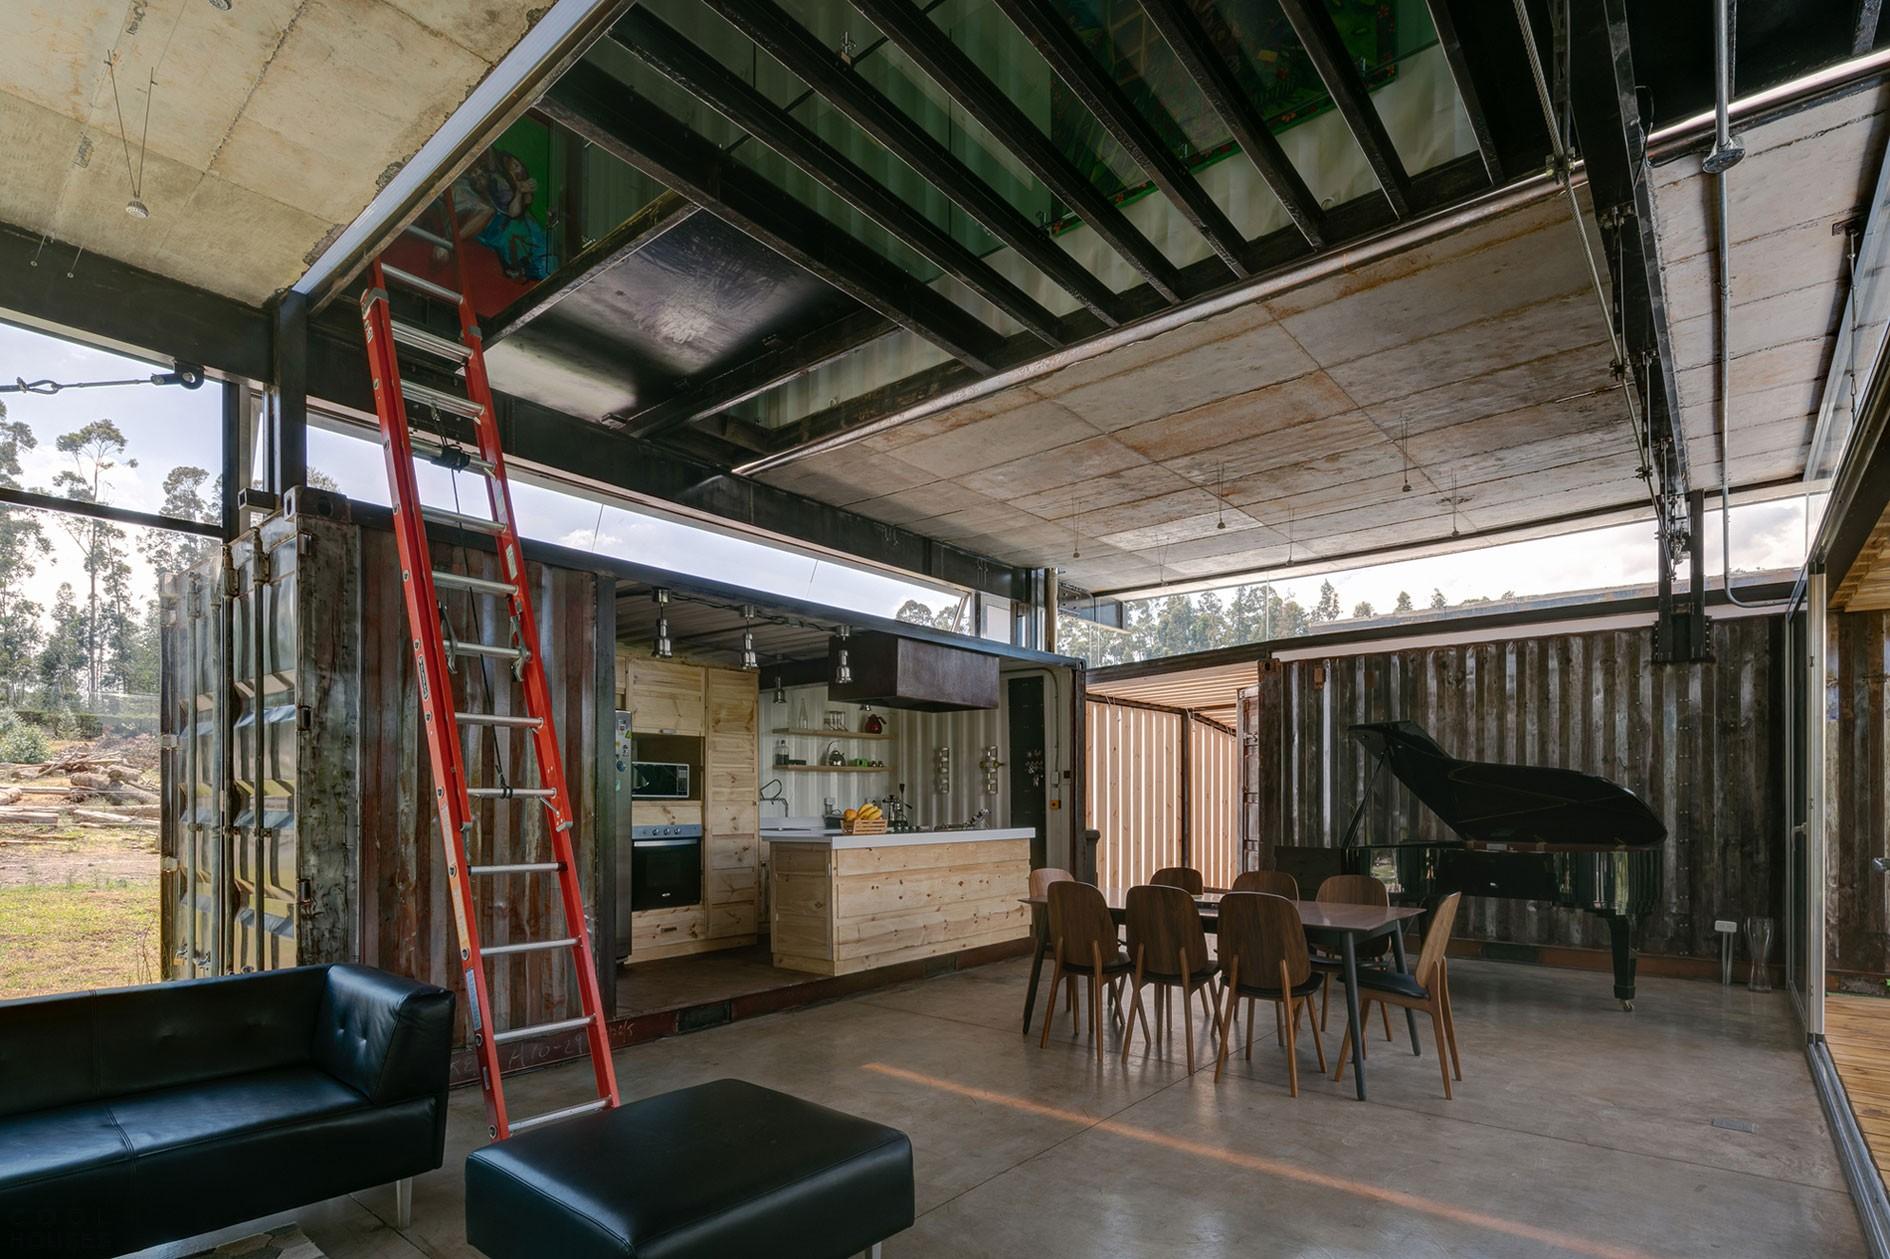 Частный дом для загородного отдыха из старых контейнеров в Эквадоре